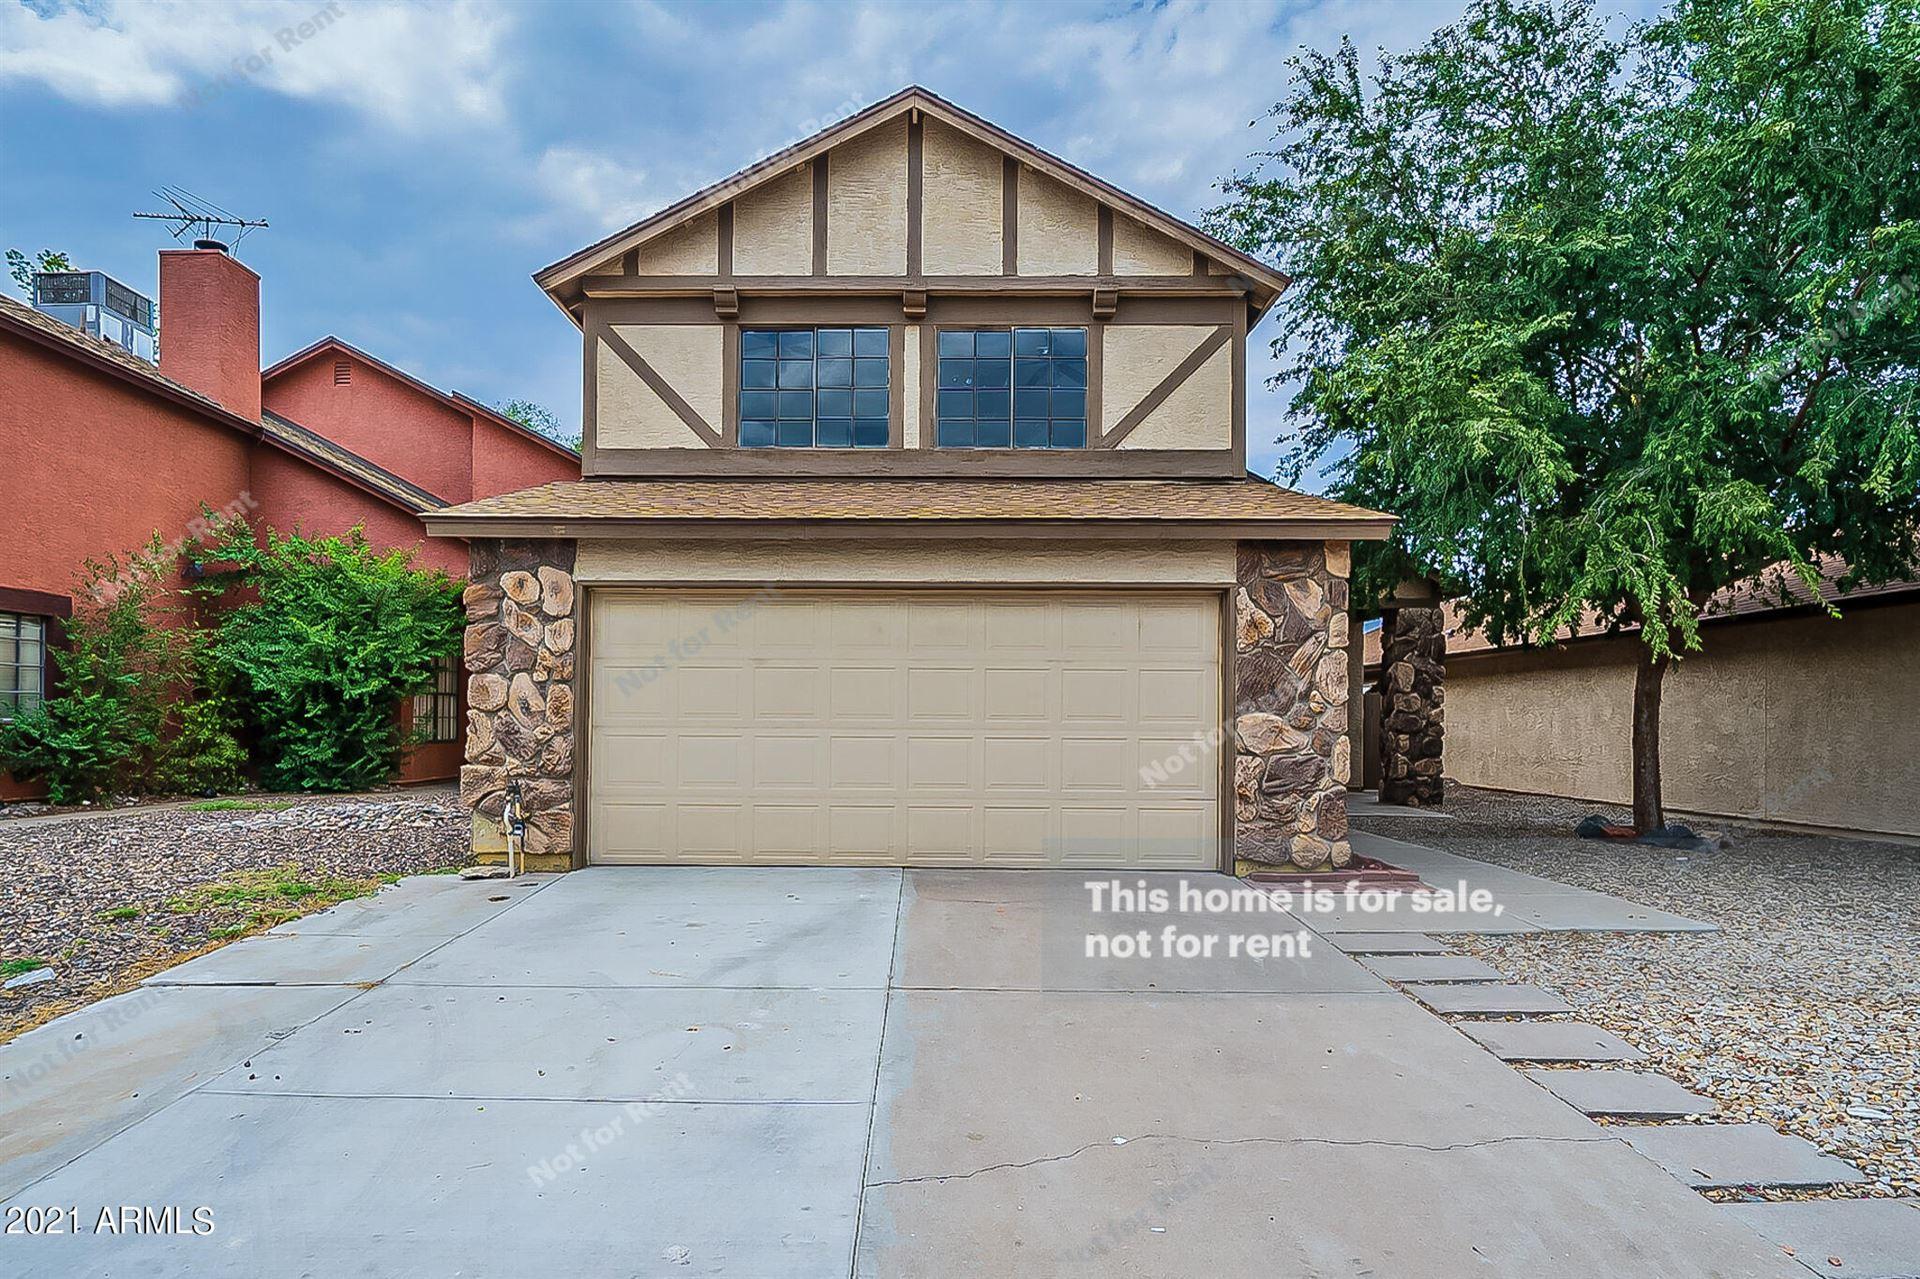 Photo of 10832 N 64TH Lane, Glendale, AZ 85304 (MLS # 6296340)